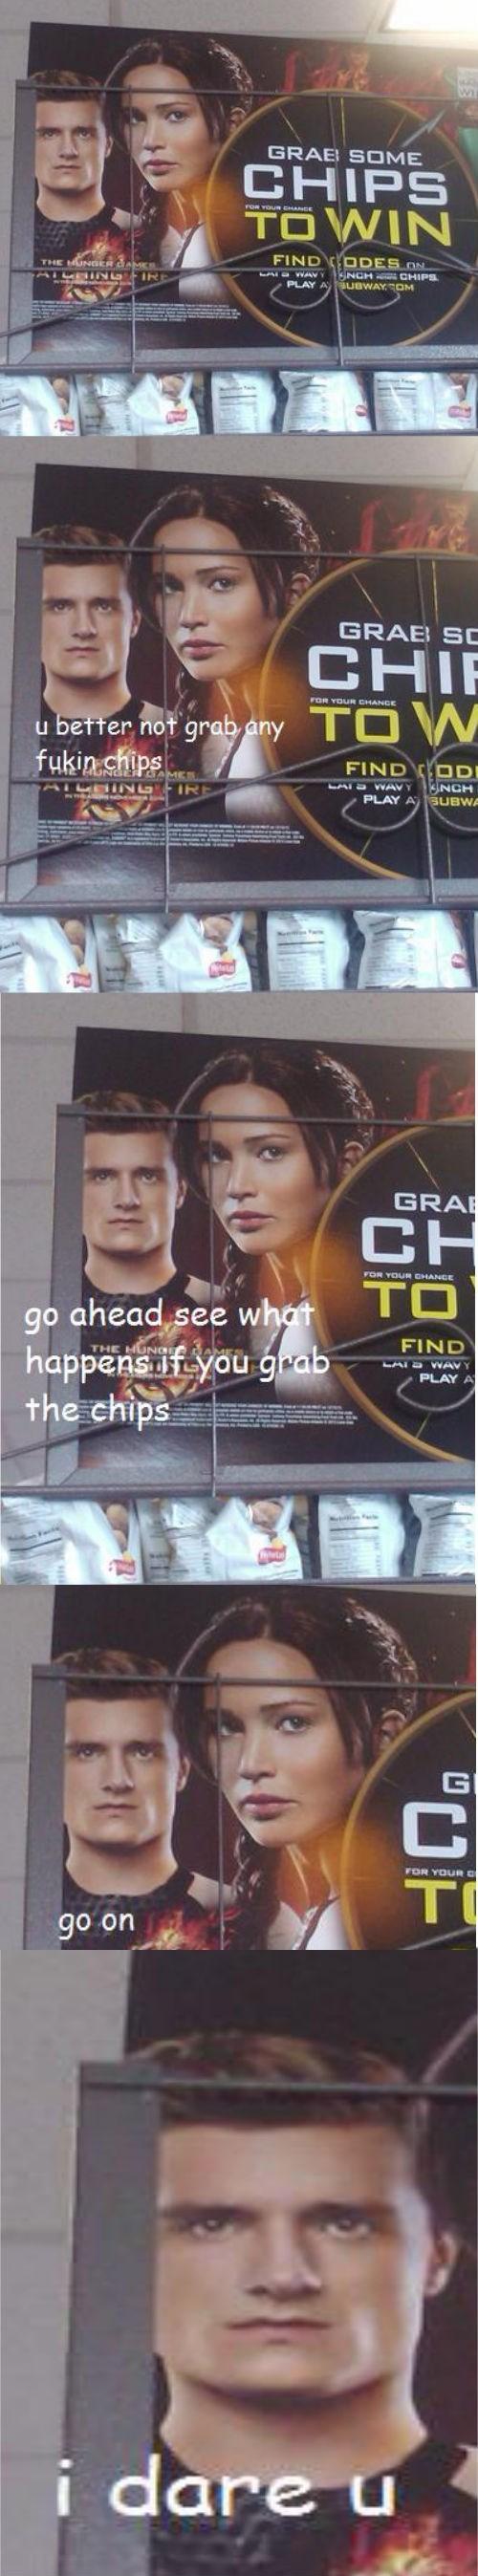 chips movies hunger games peeta - 7889163264